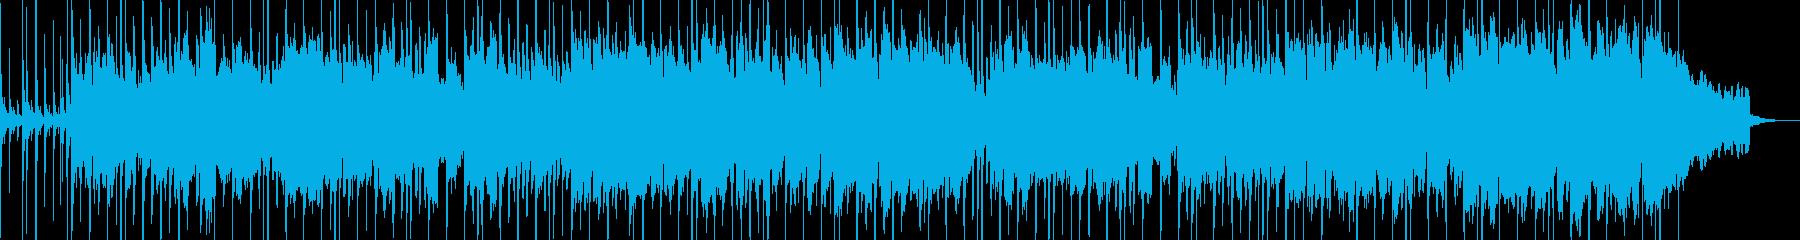 始まりを予感するBGMの再生済みの波形